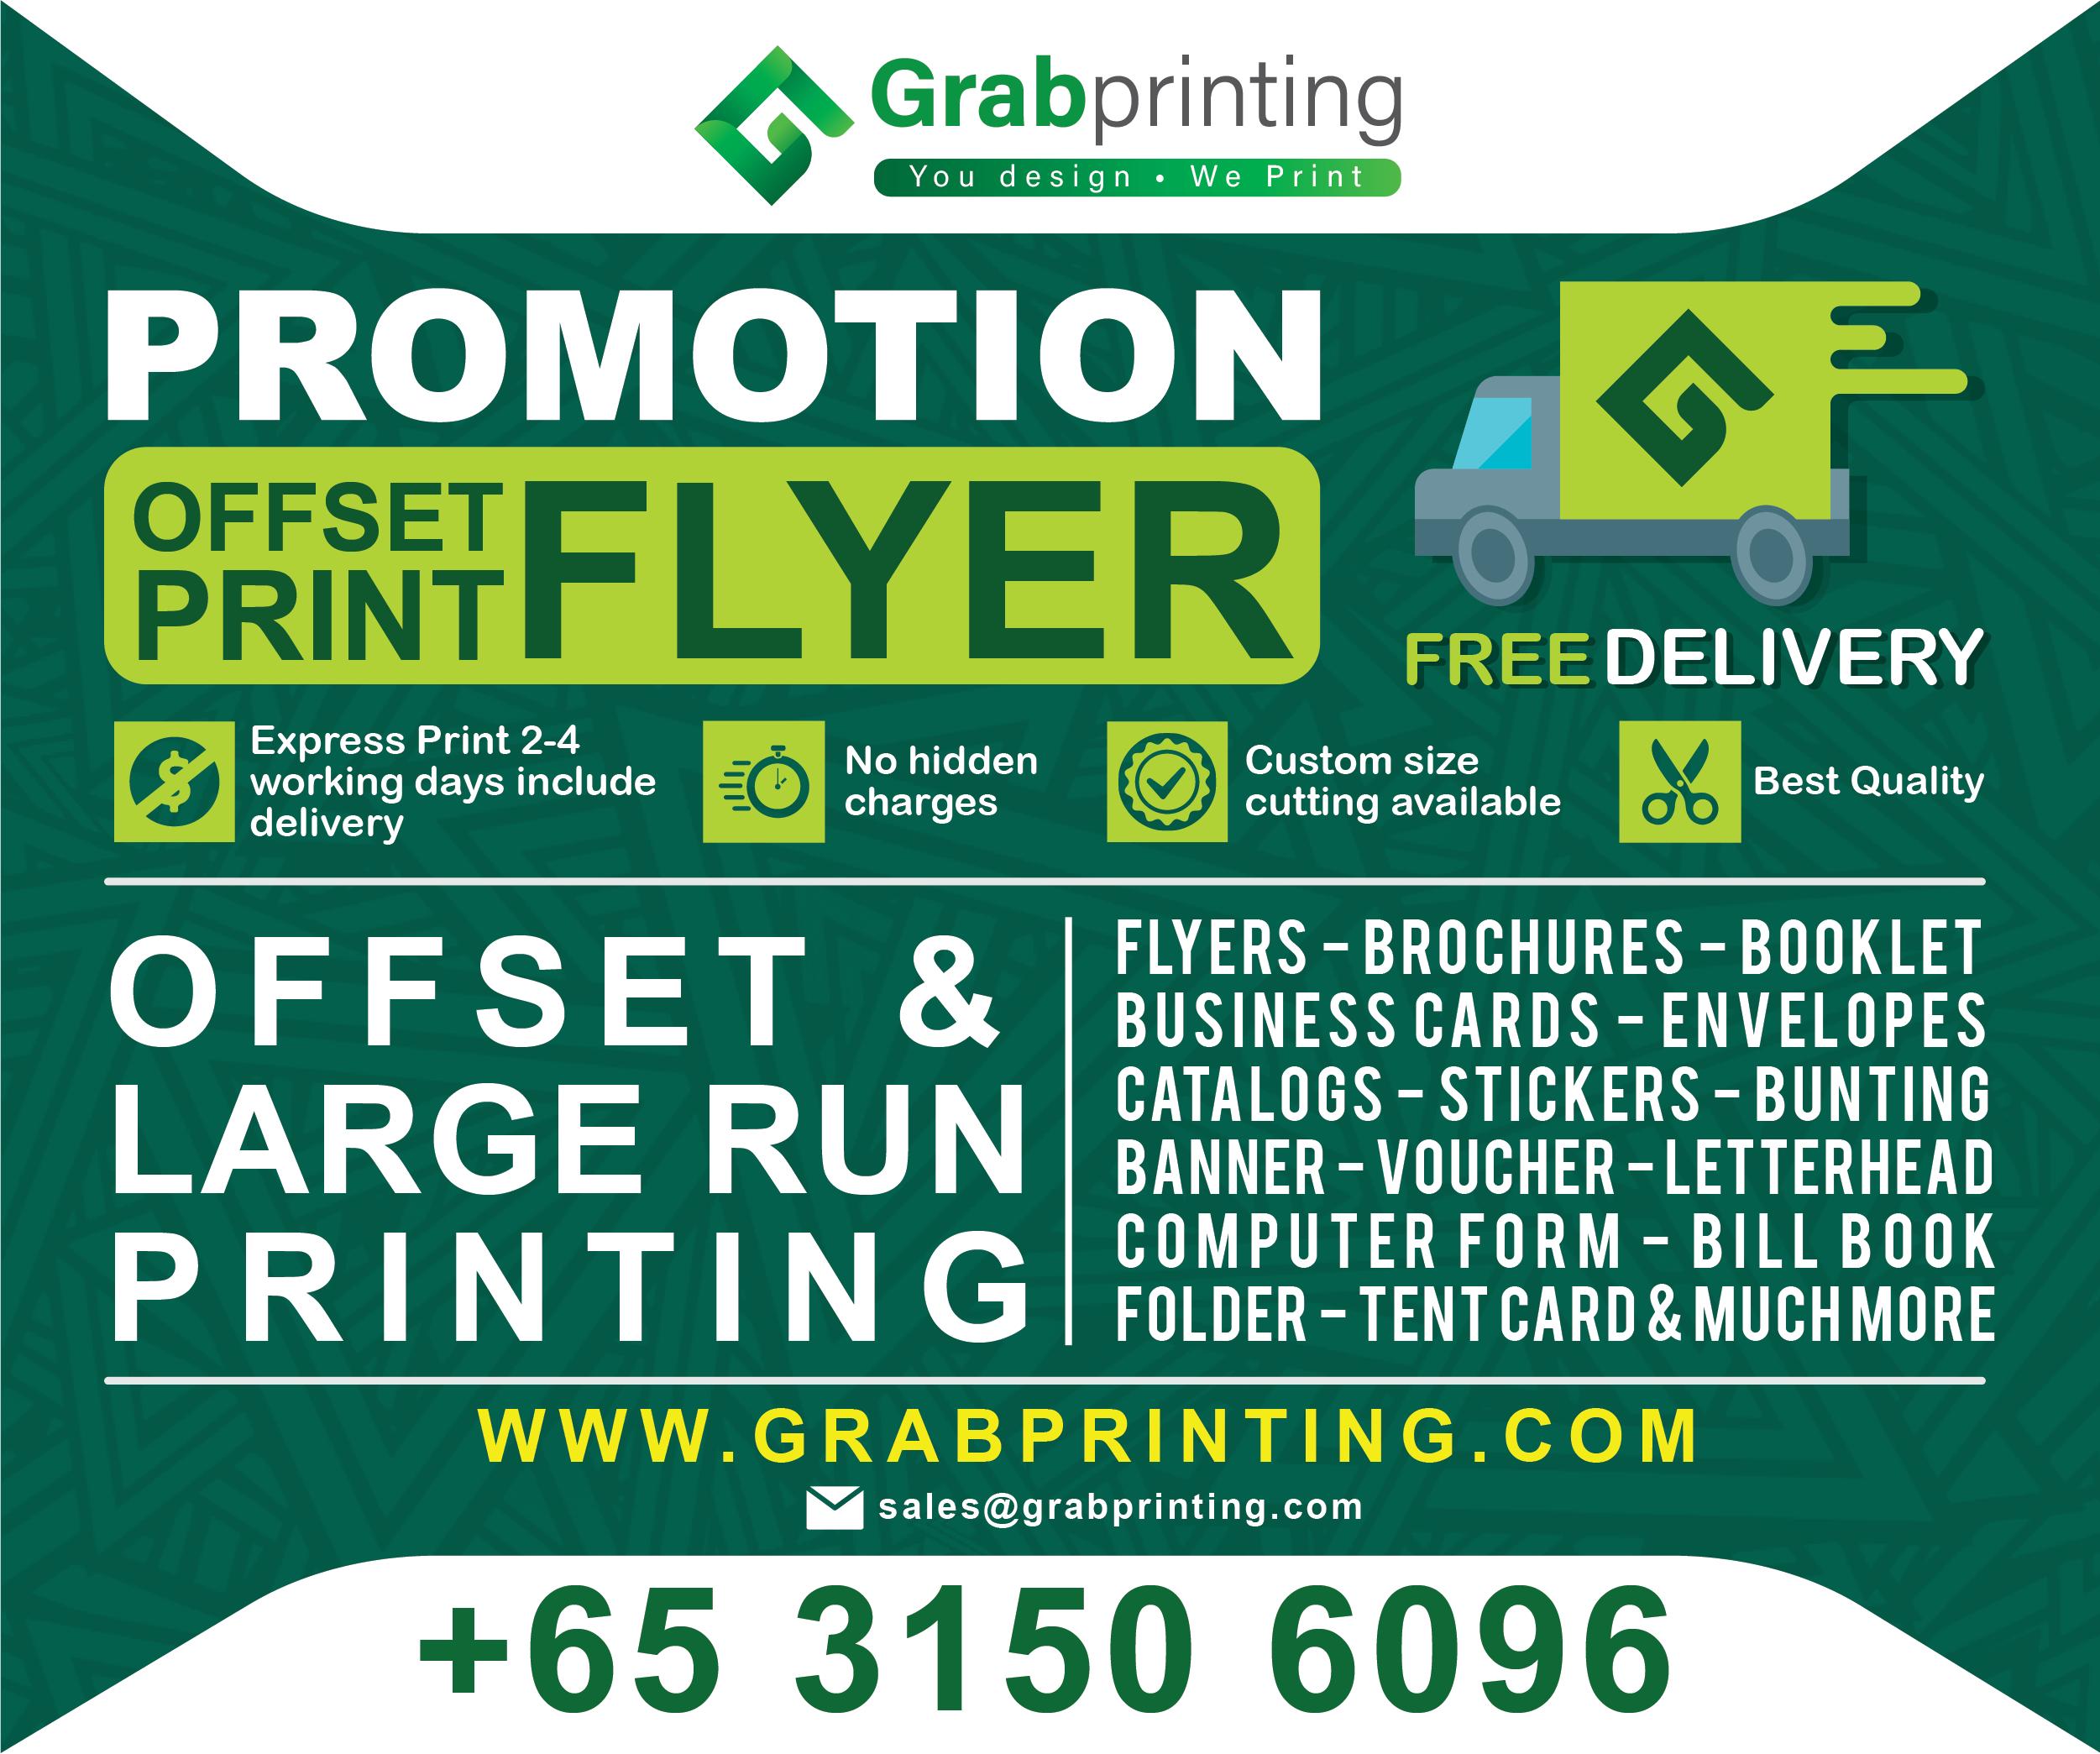 printing Home Grabprinting Offset flyer promo landscape